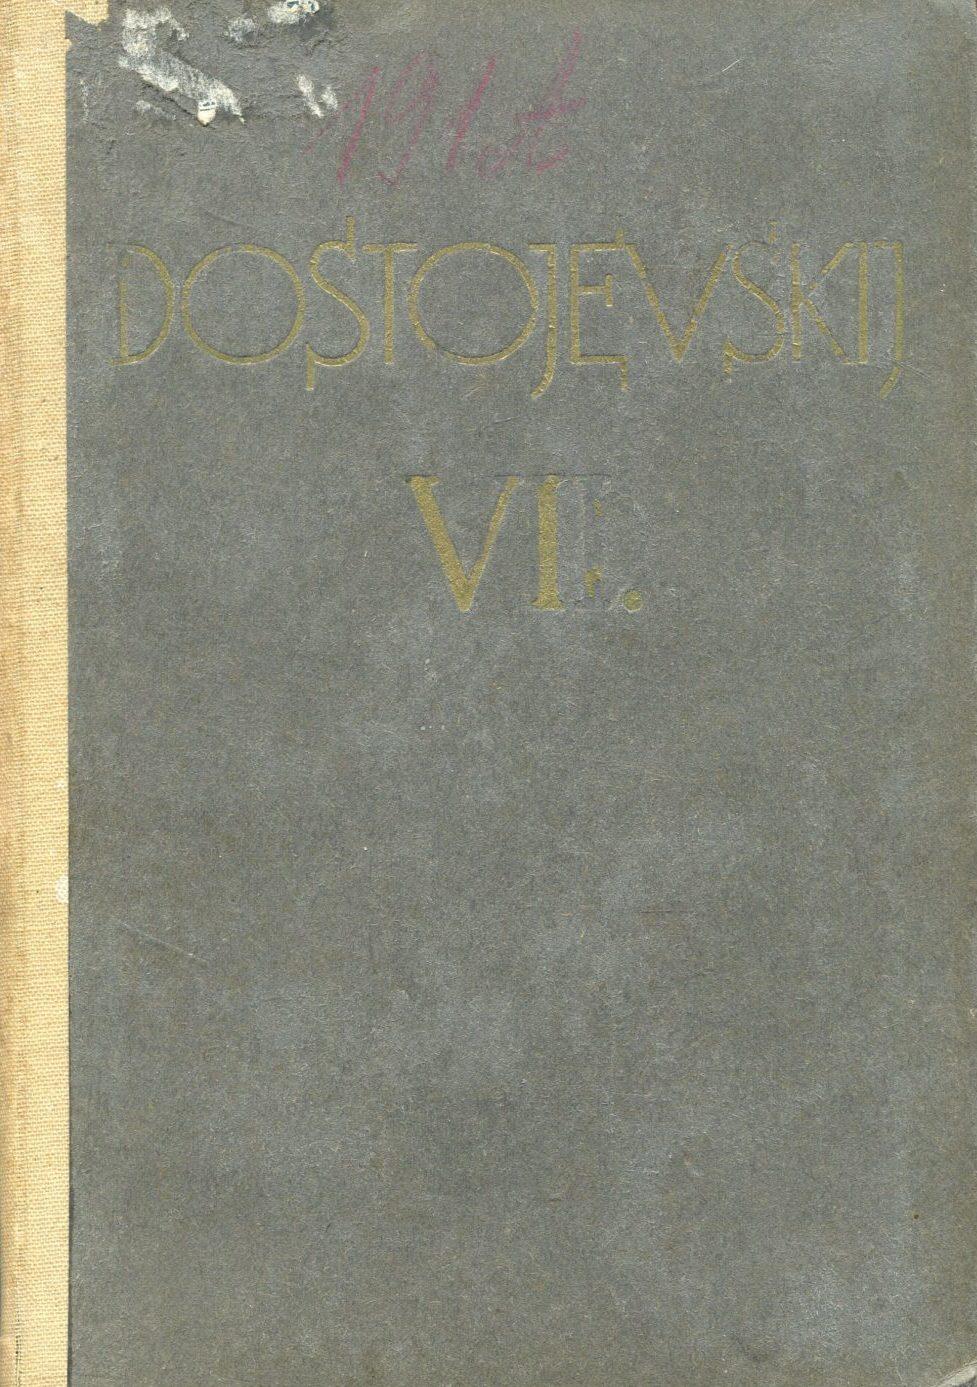 Poniženi i uvrijedjeni I-III dio Dostojevski Fjodor Mihajlovič